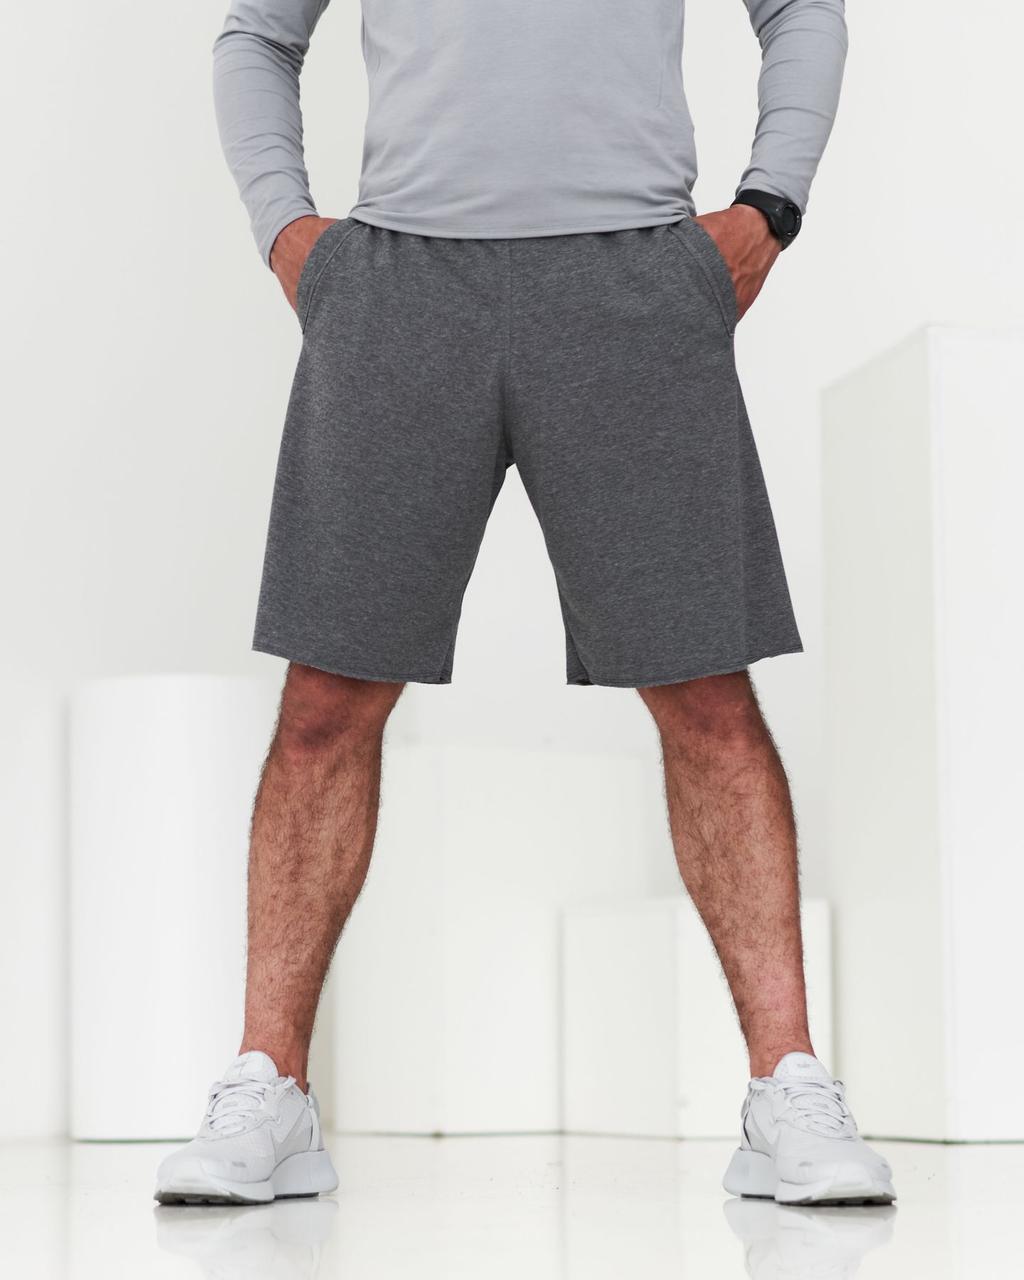 Чоловічі спортивні шорти сірого кольору